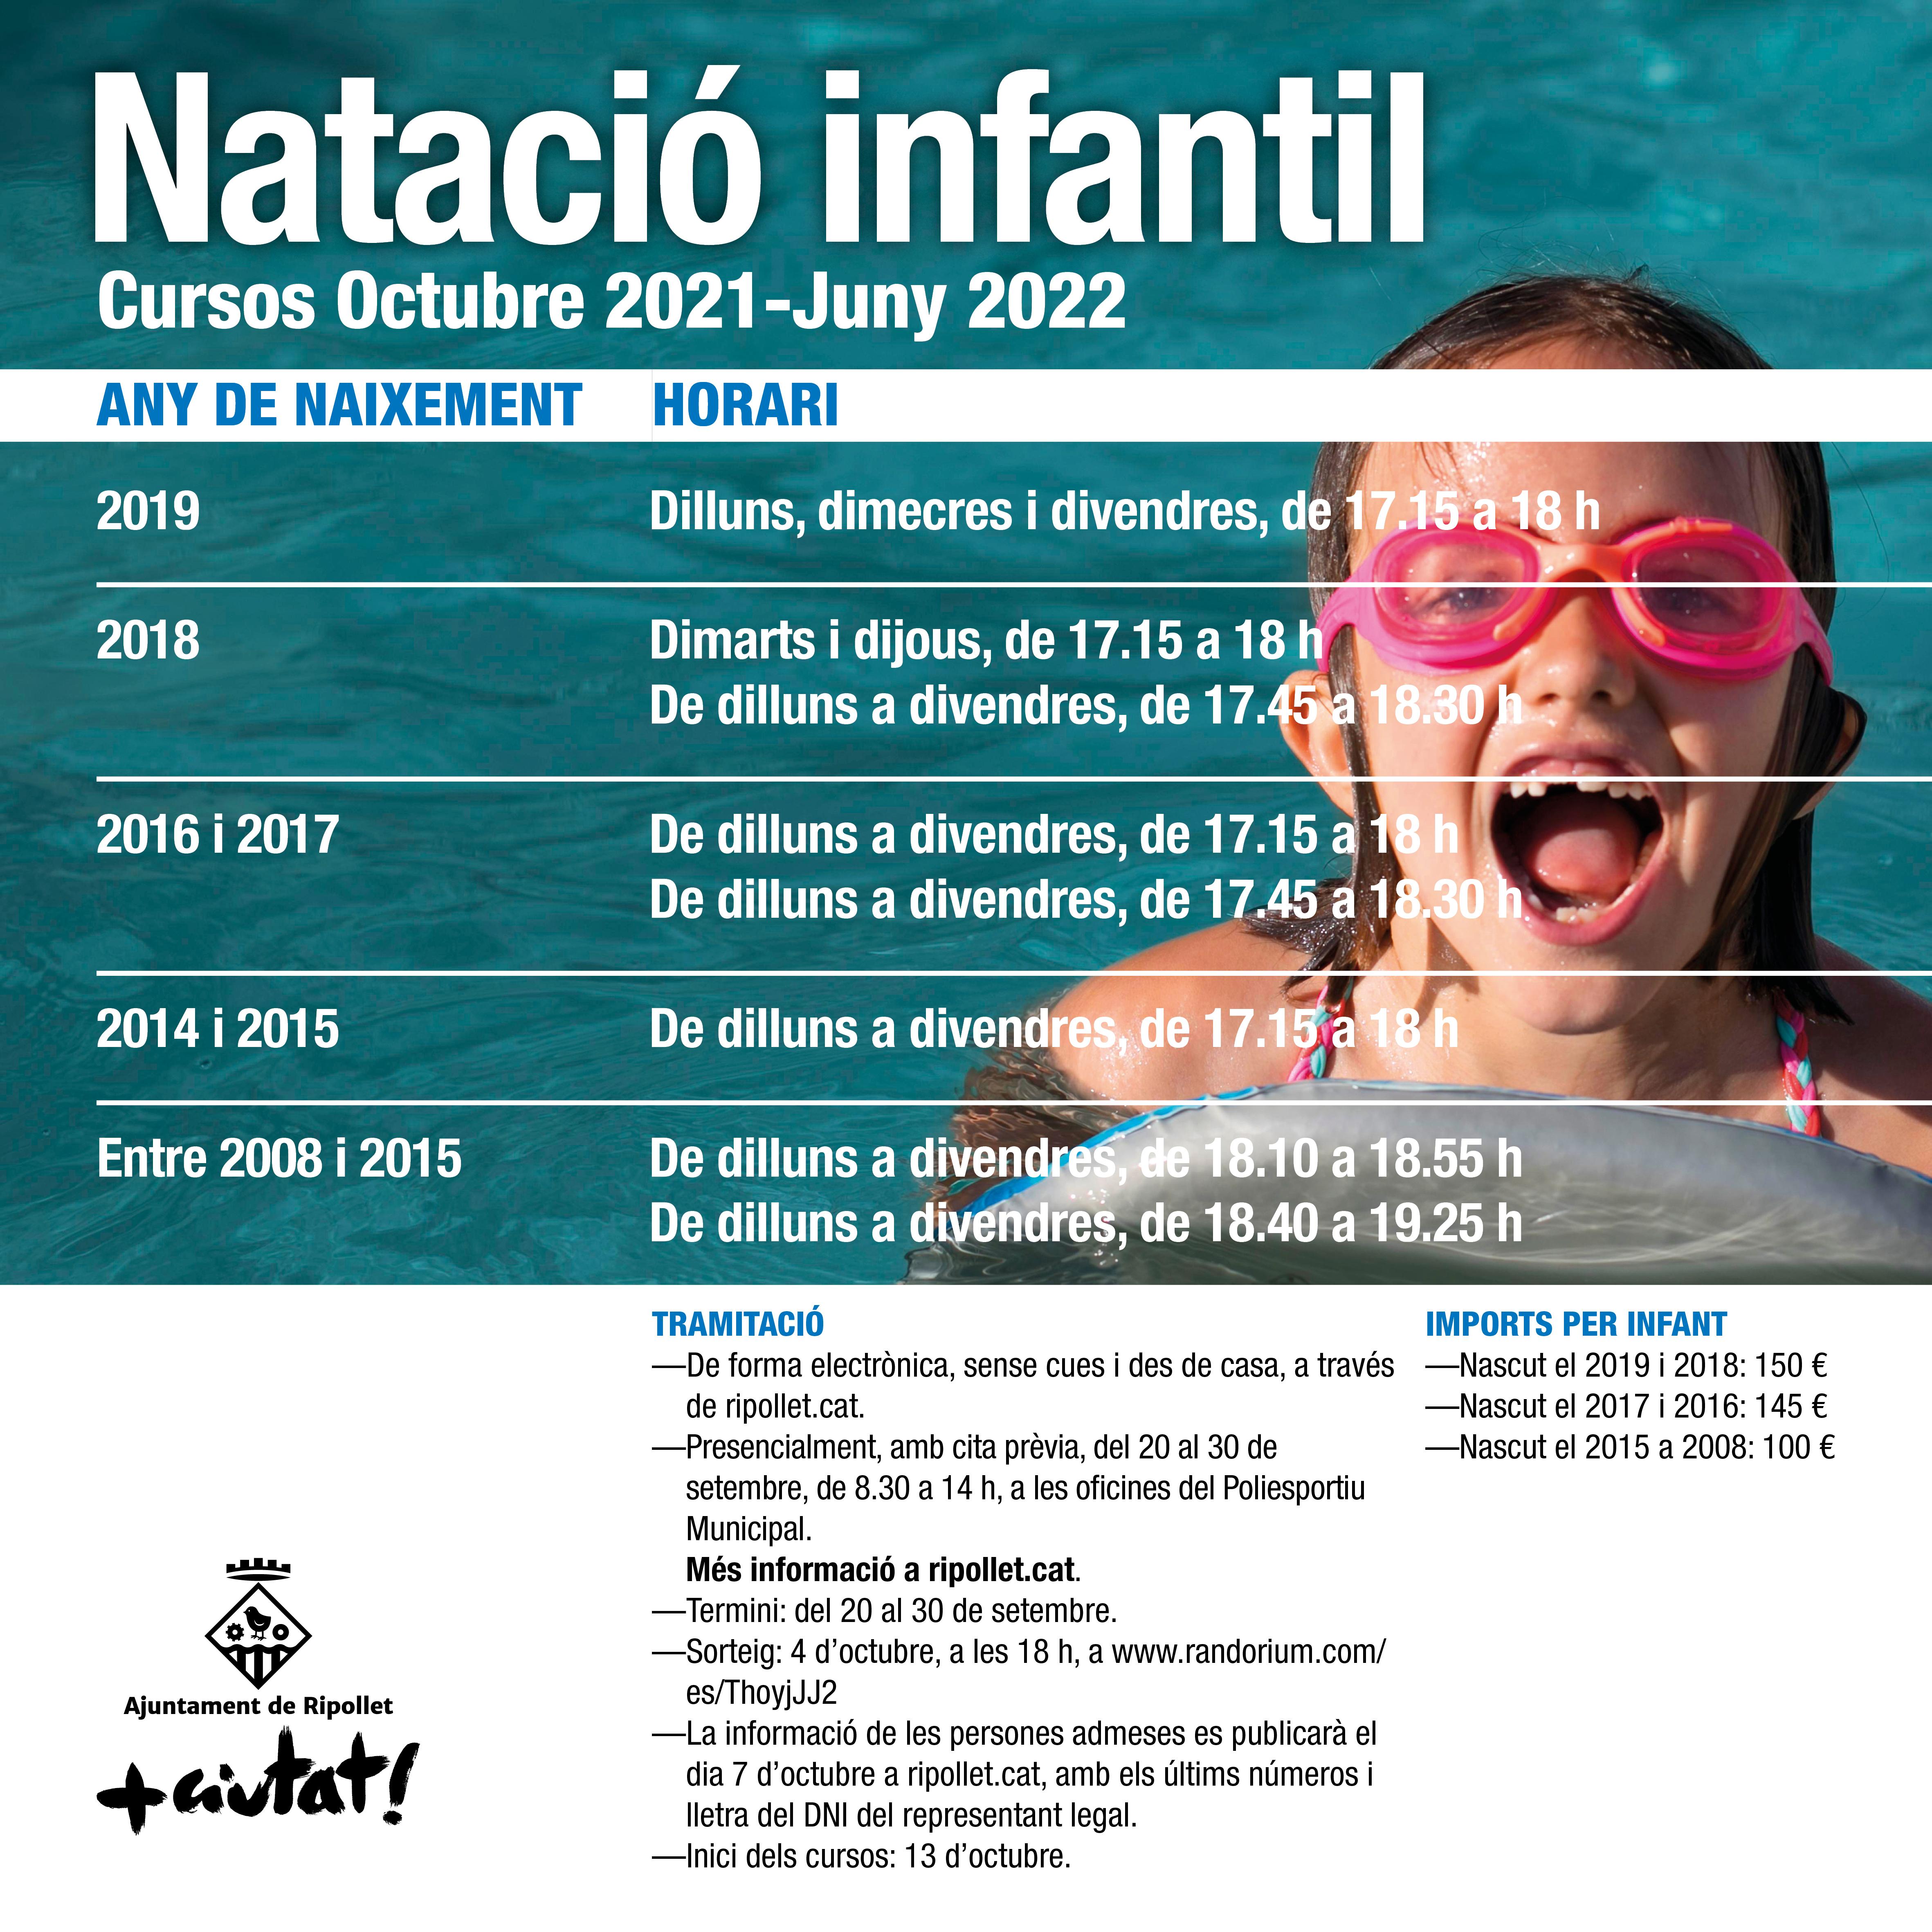 Natació infantil curs 2021-2022